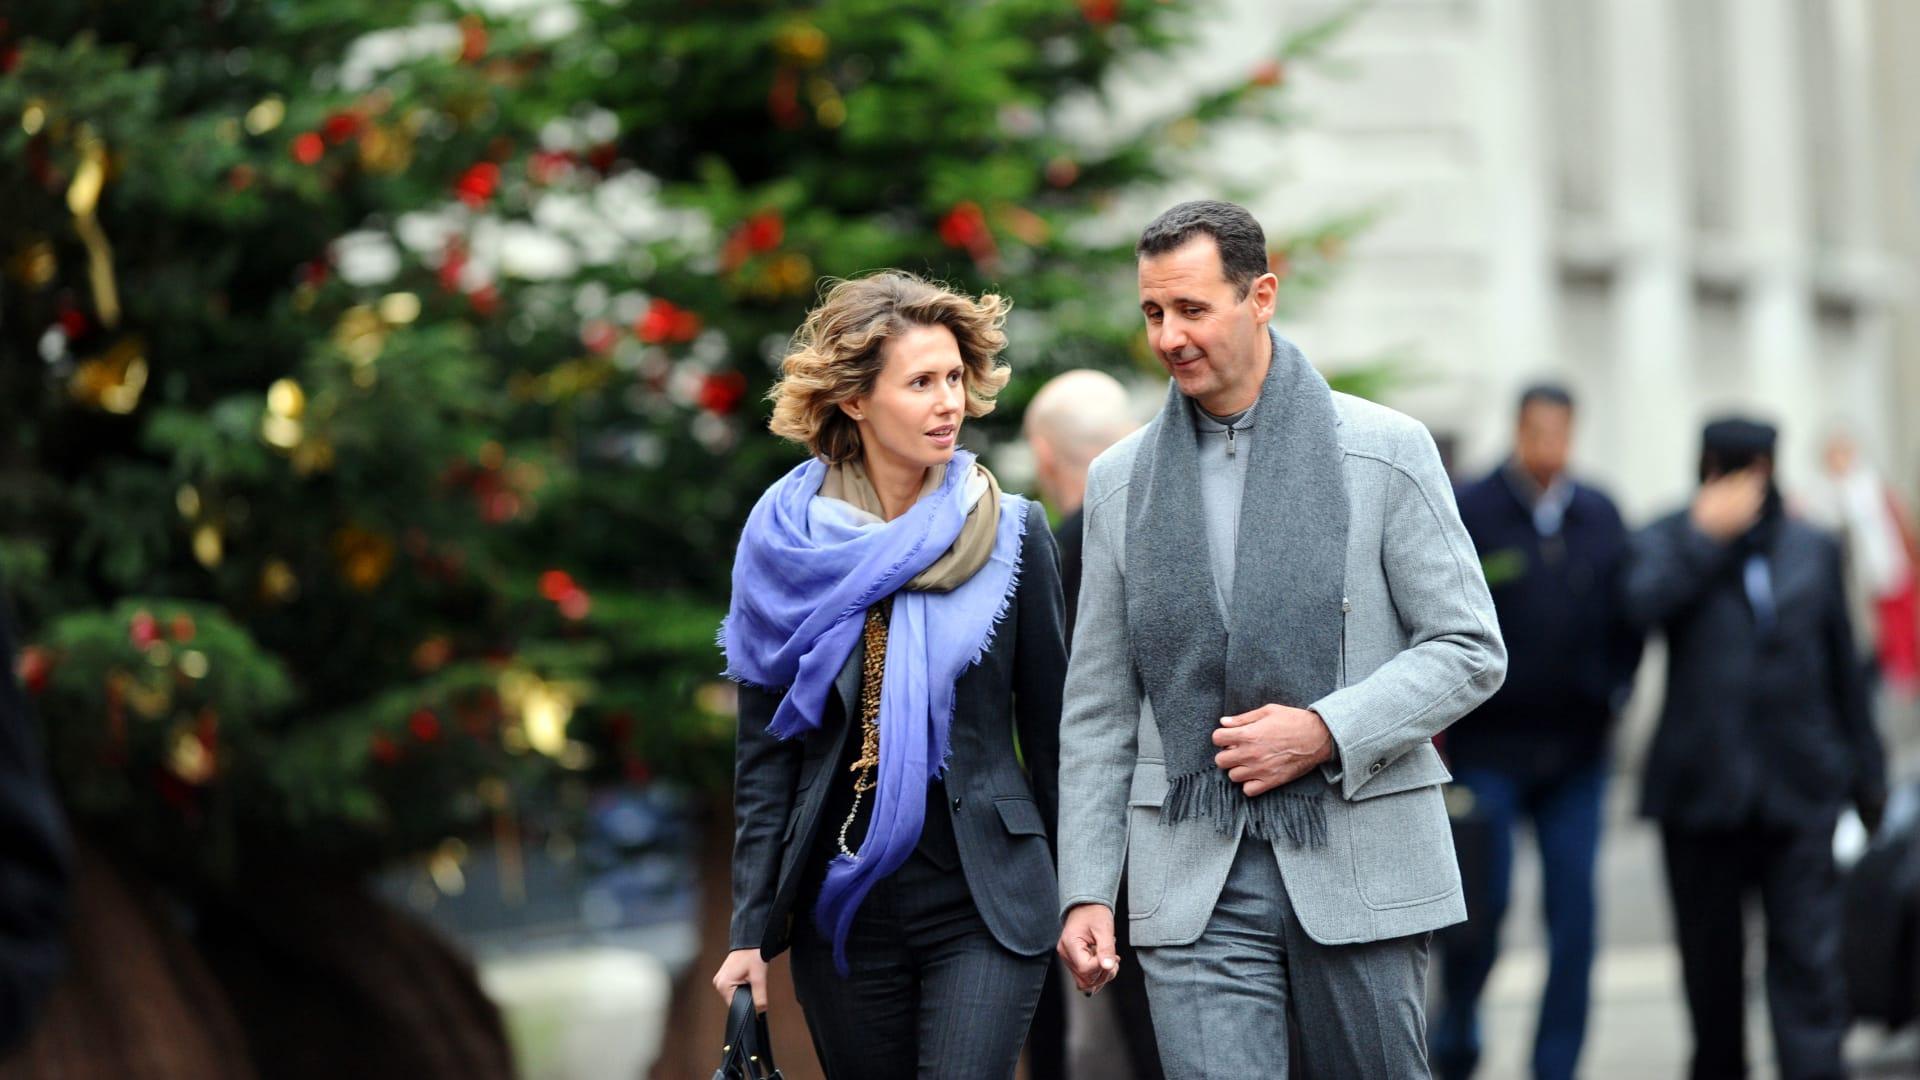 الرئاسة السورية تكشف تطورات الوضع الصحي لبشار الأسد وزوجته بعد إصابتهما بكورونا